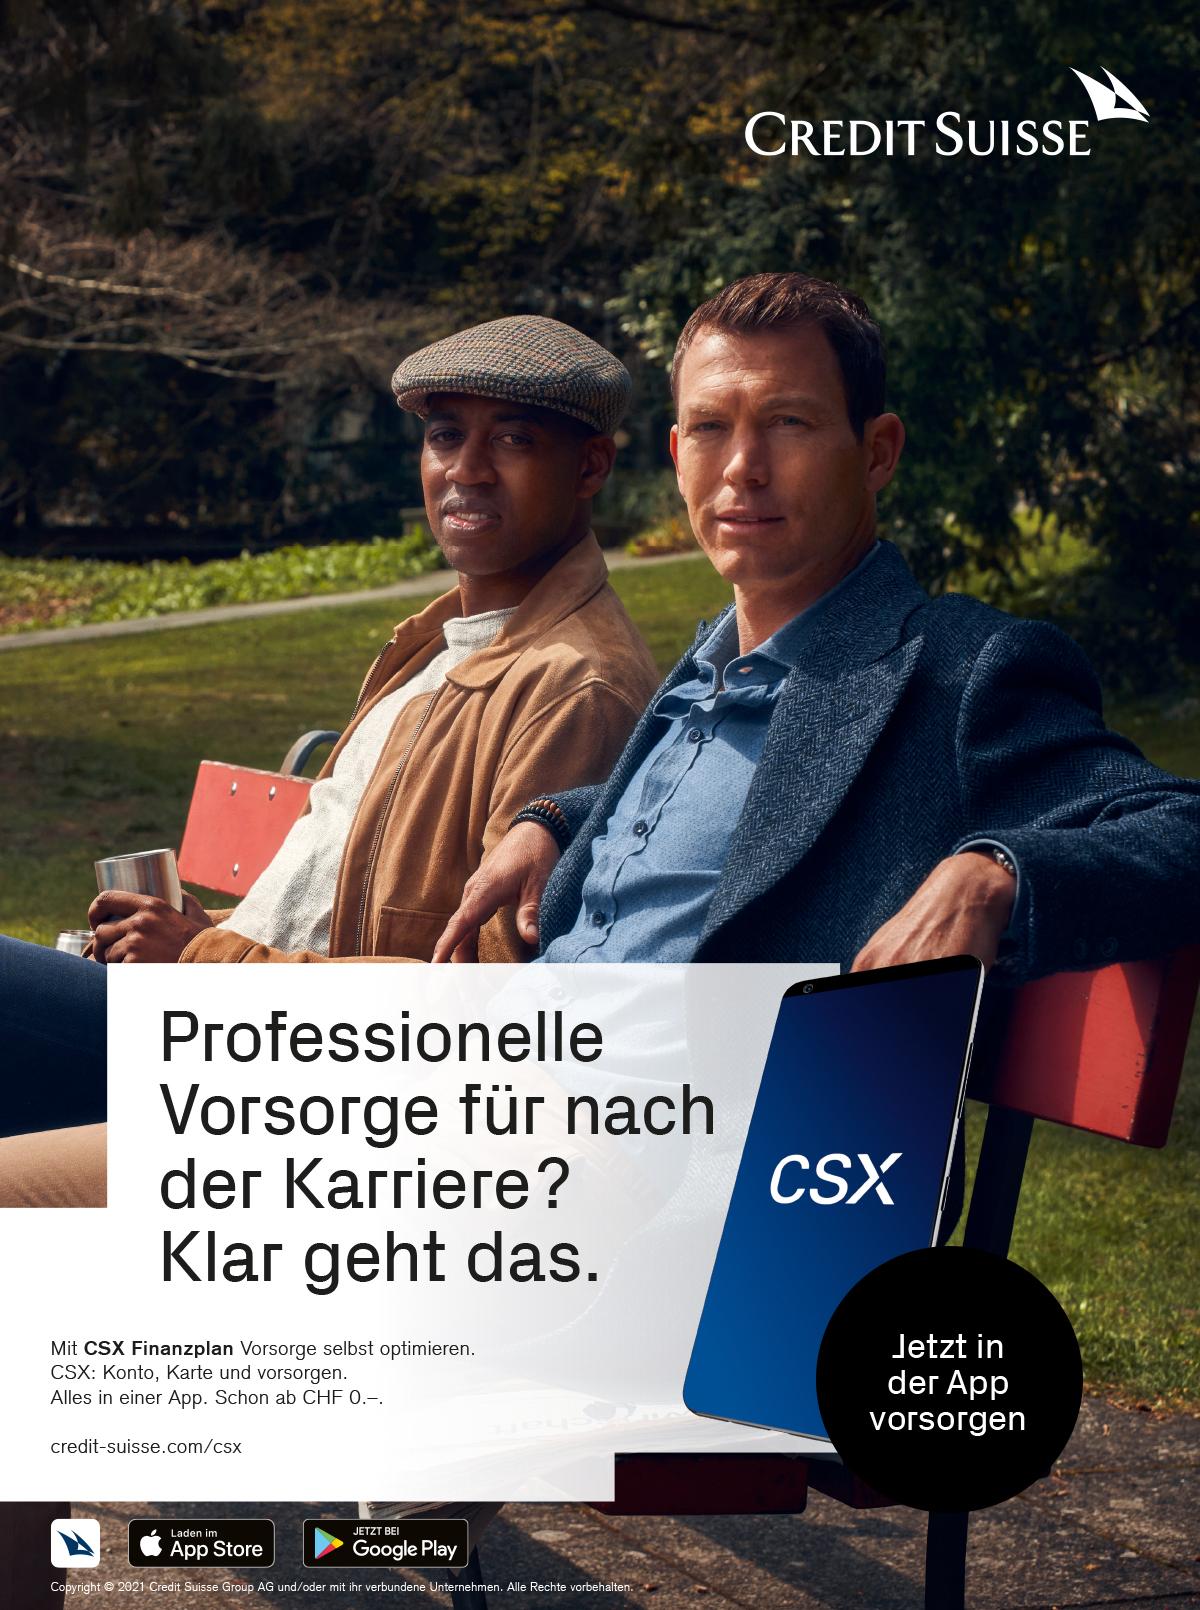 thjnk_CreditSuisse_CSX_Vorsorgen_Anzeige